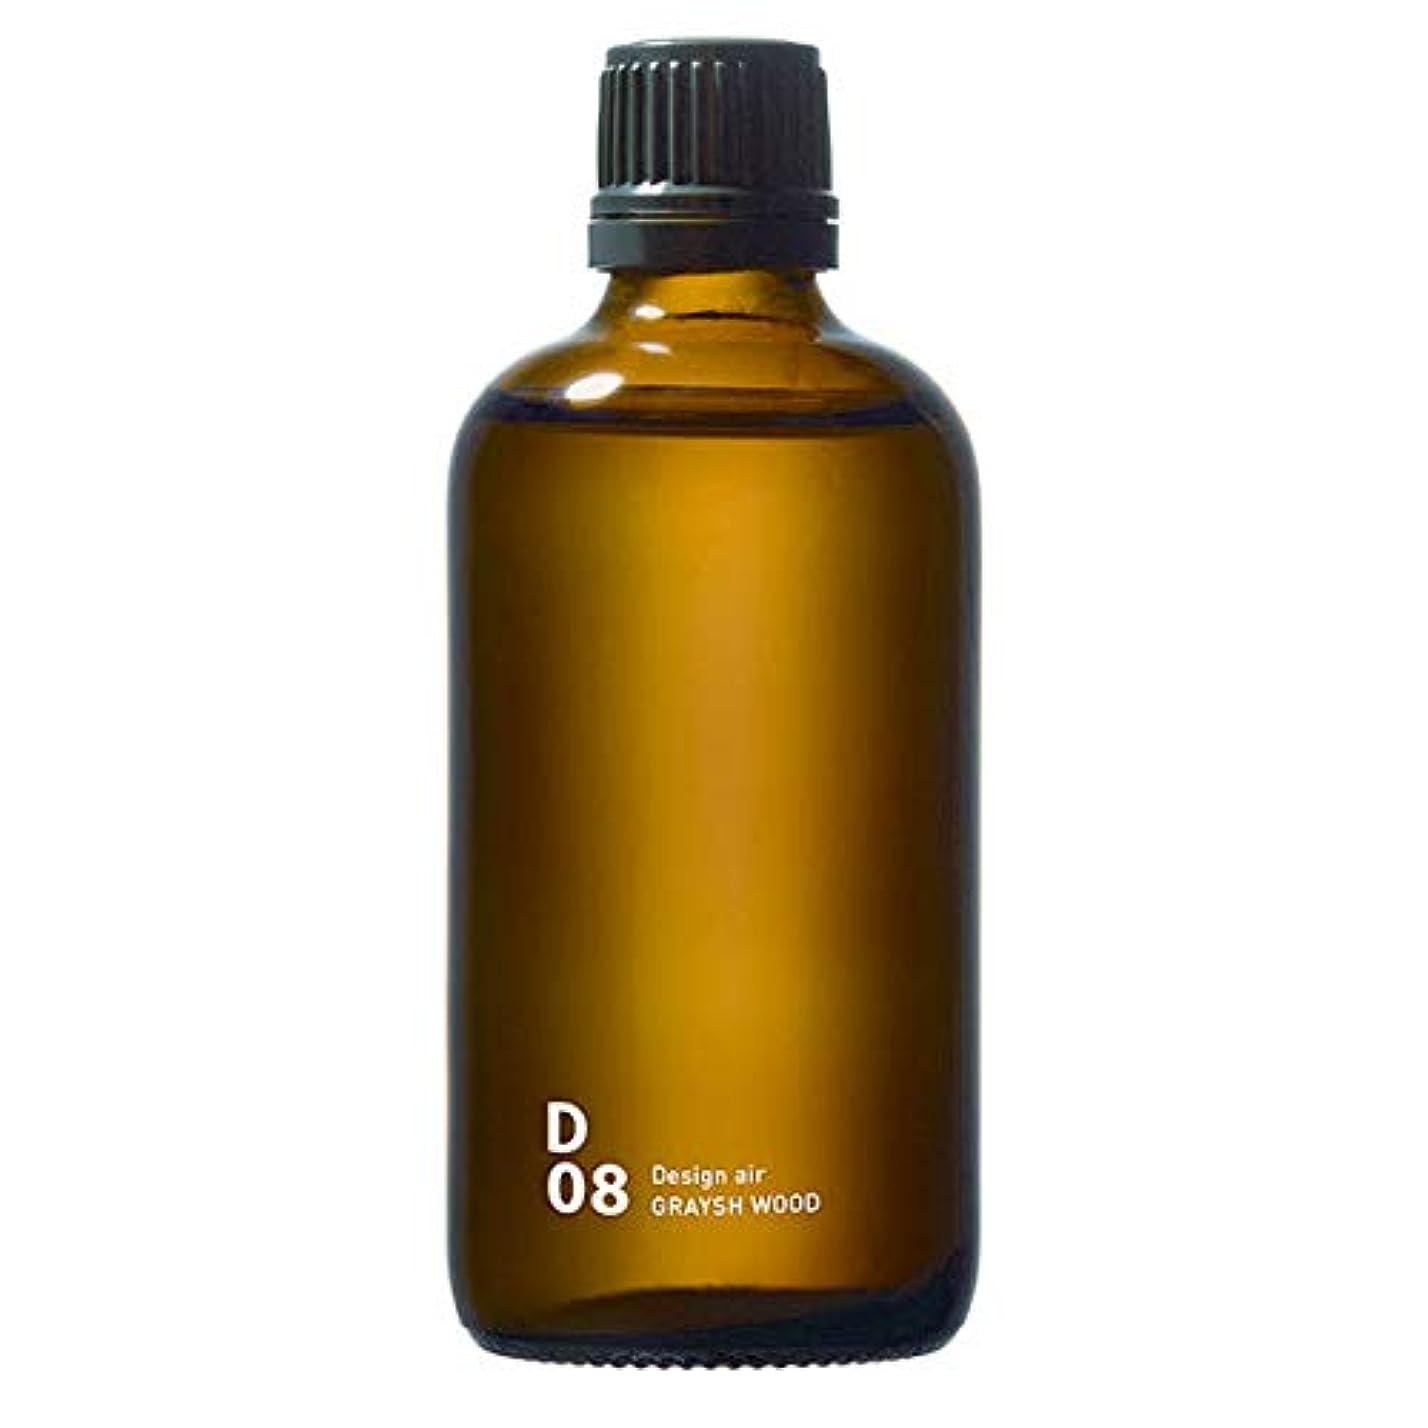 完璧大惨事インセンティブD08 GRAYISH WOOD piezo aroma oil 100ml